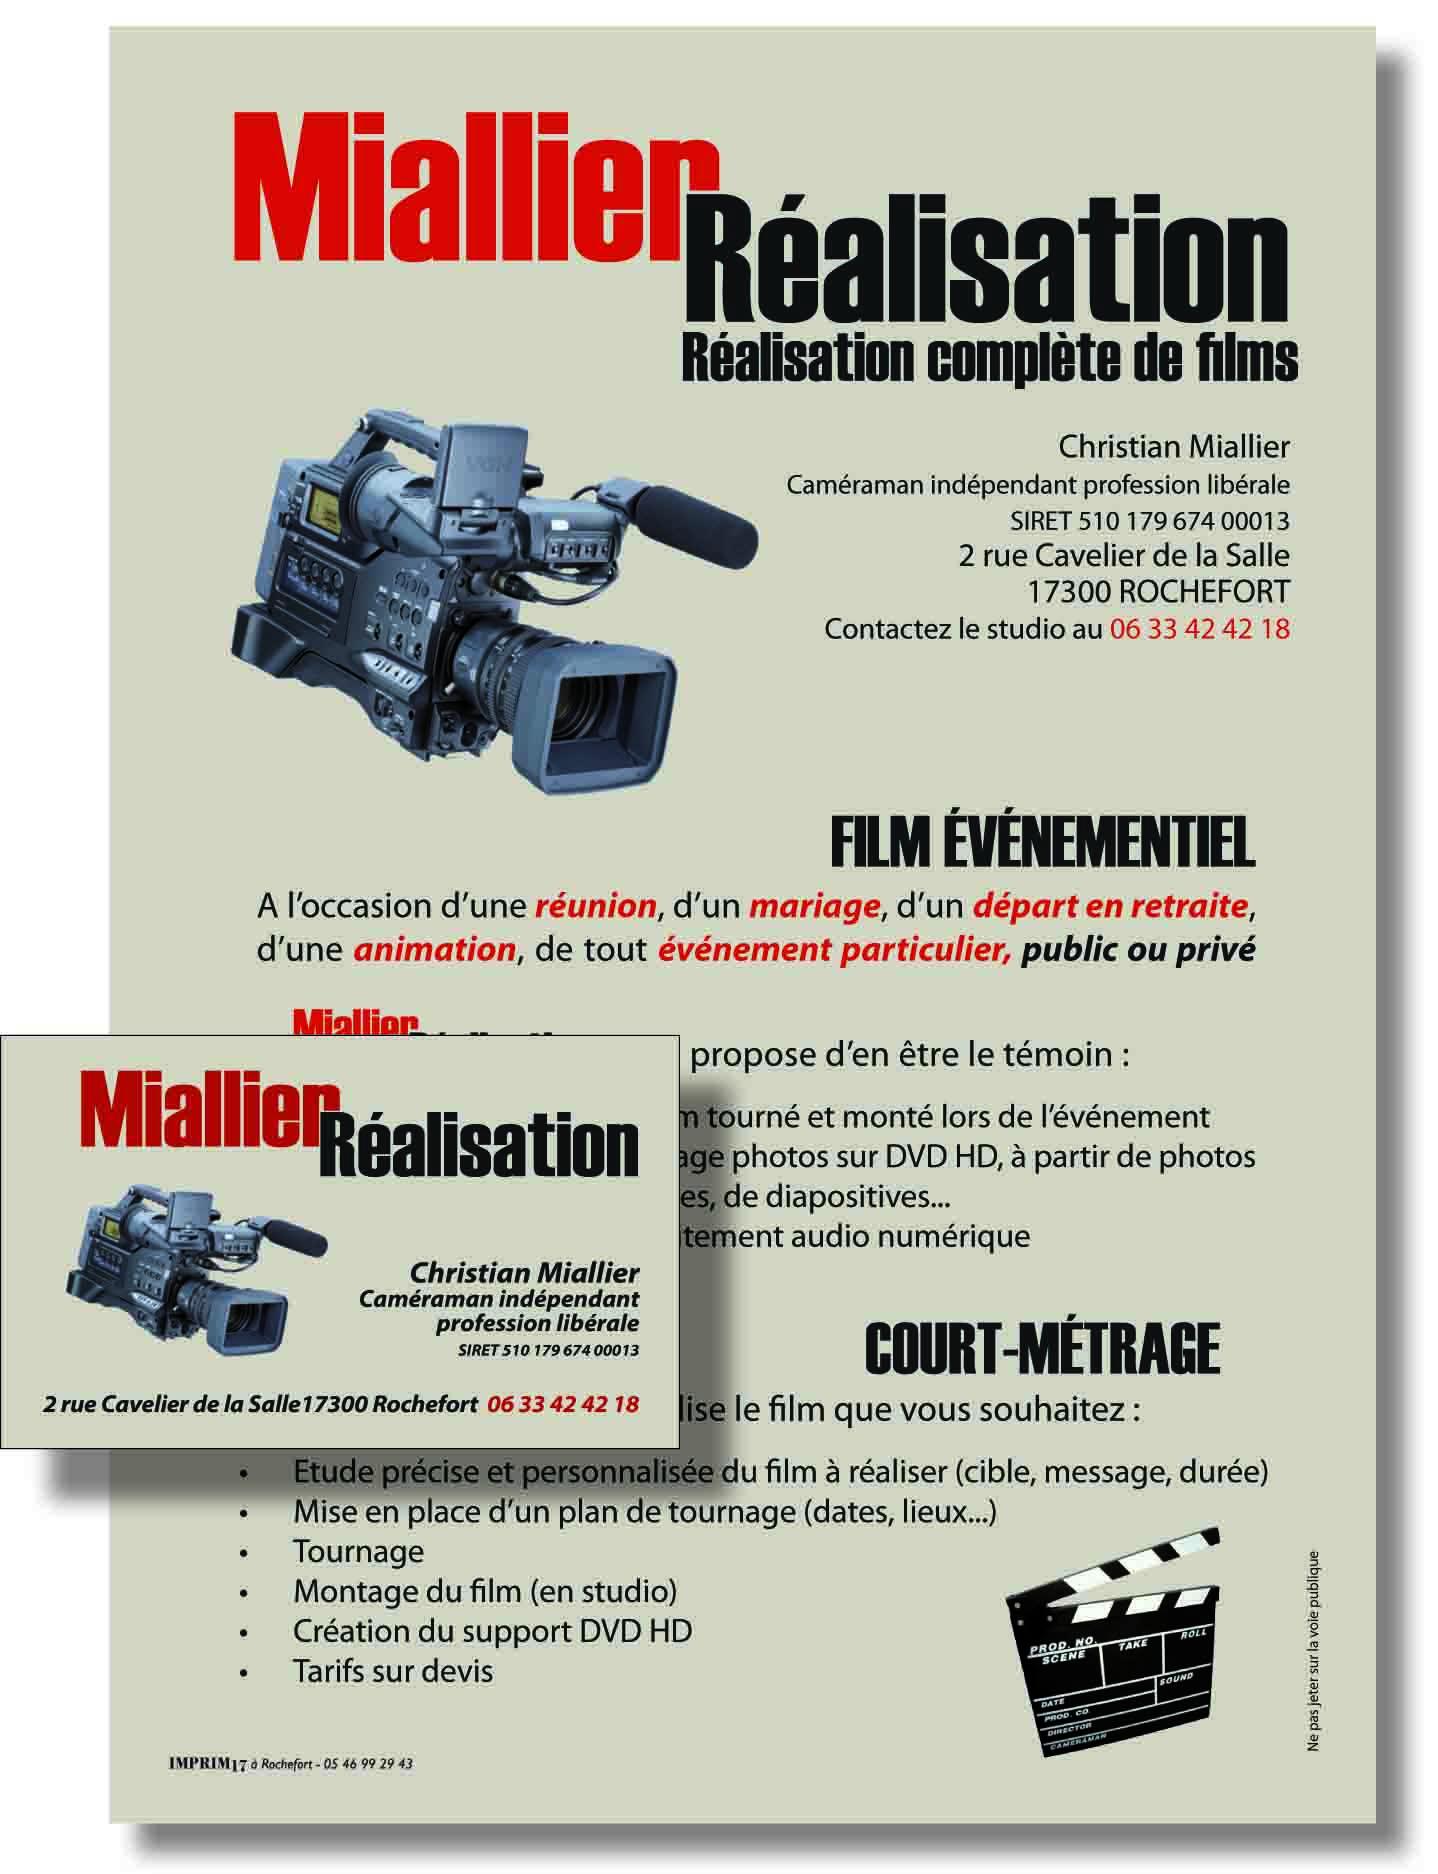 Cartes et flyers pour un photographe/vidéaste